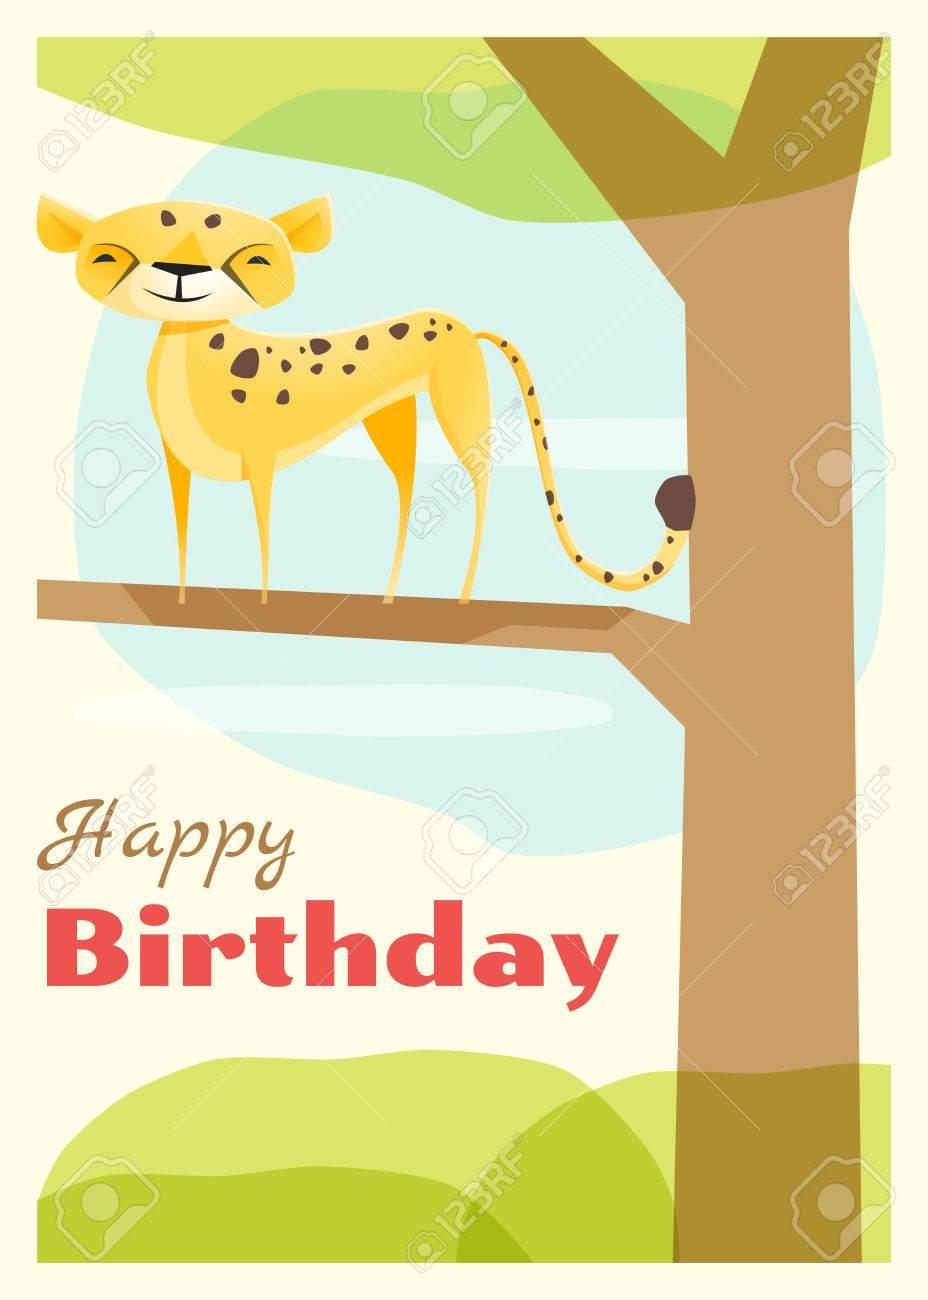 anniversaire et invitation carte animaux avec guepard vecteur illustration clip art libres de droits vecteurs et illustration image 56654042